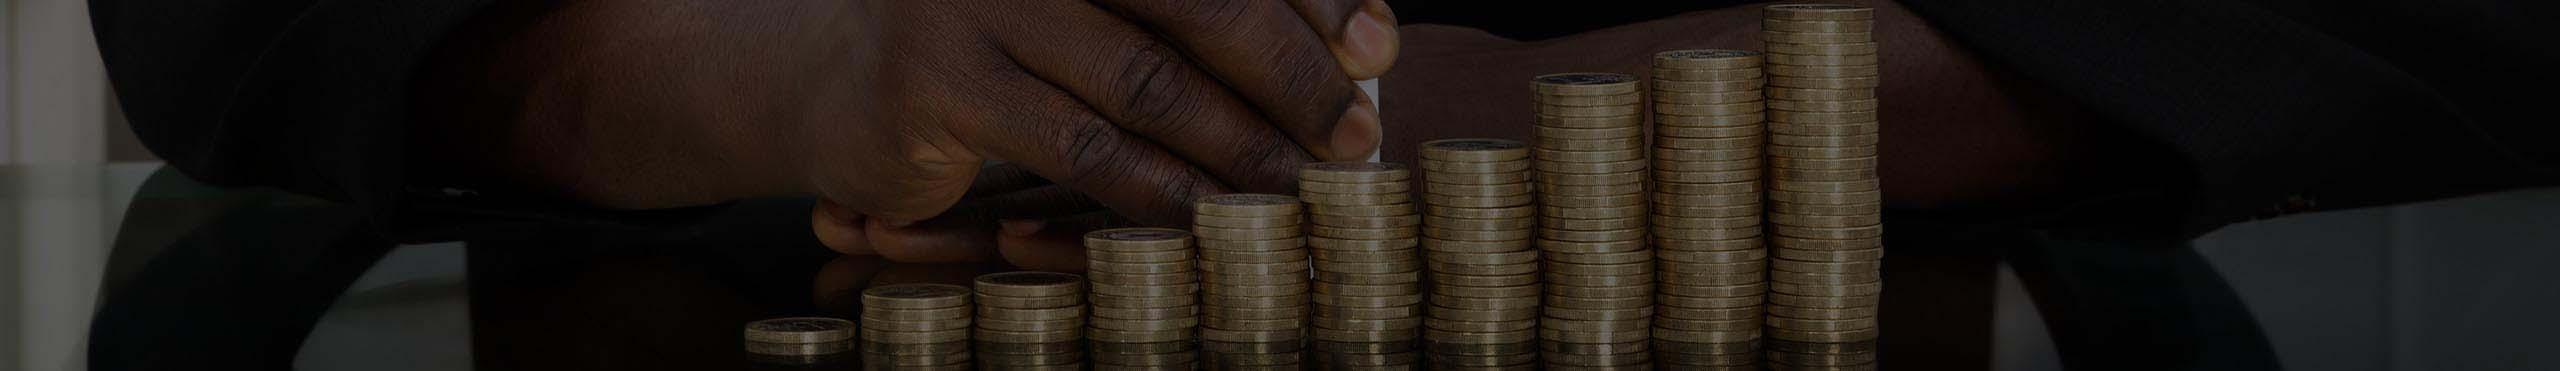 Placements : Contrat de capitalisation, l'idéal pour l'épargne ?